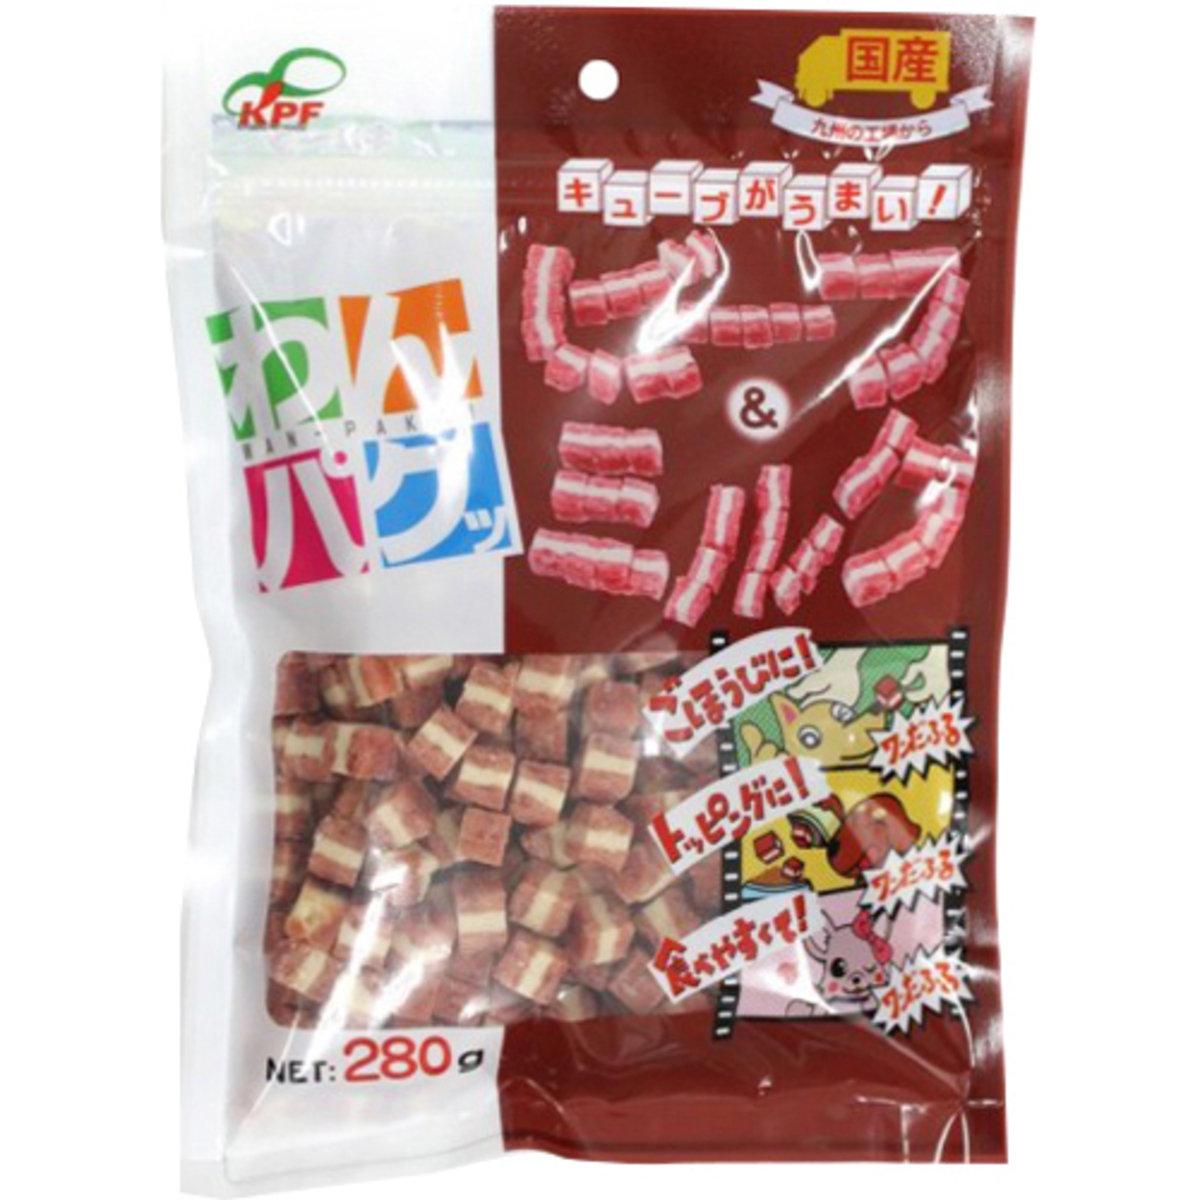 日本 KPF 牛奶牛肉方切粒